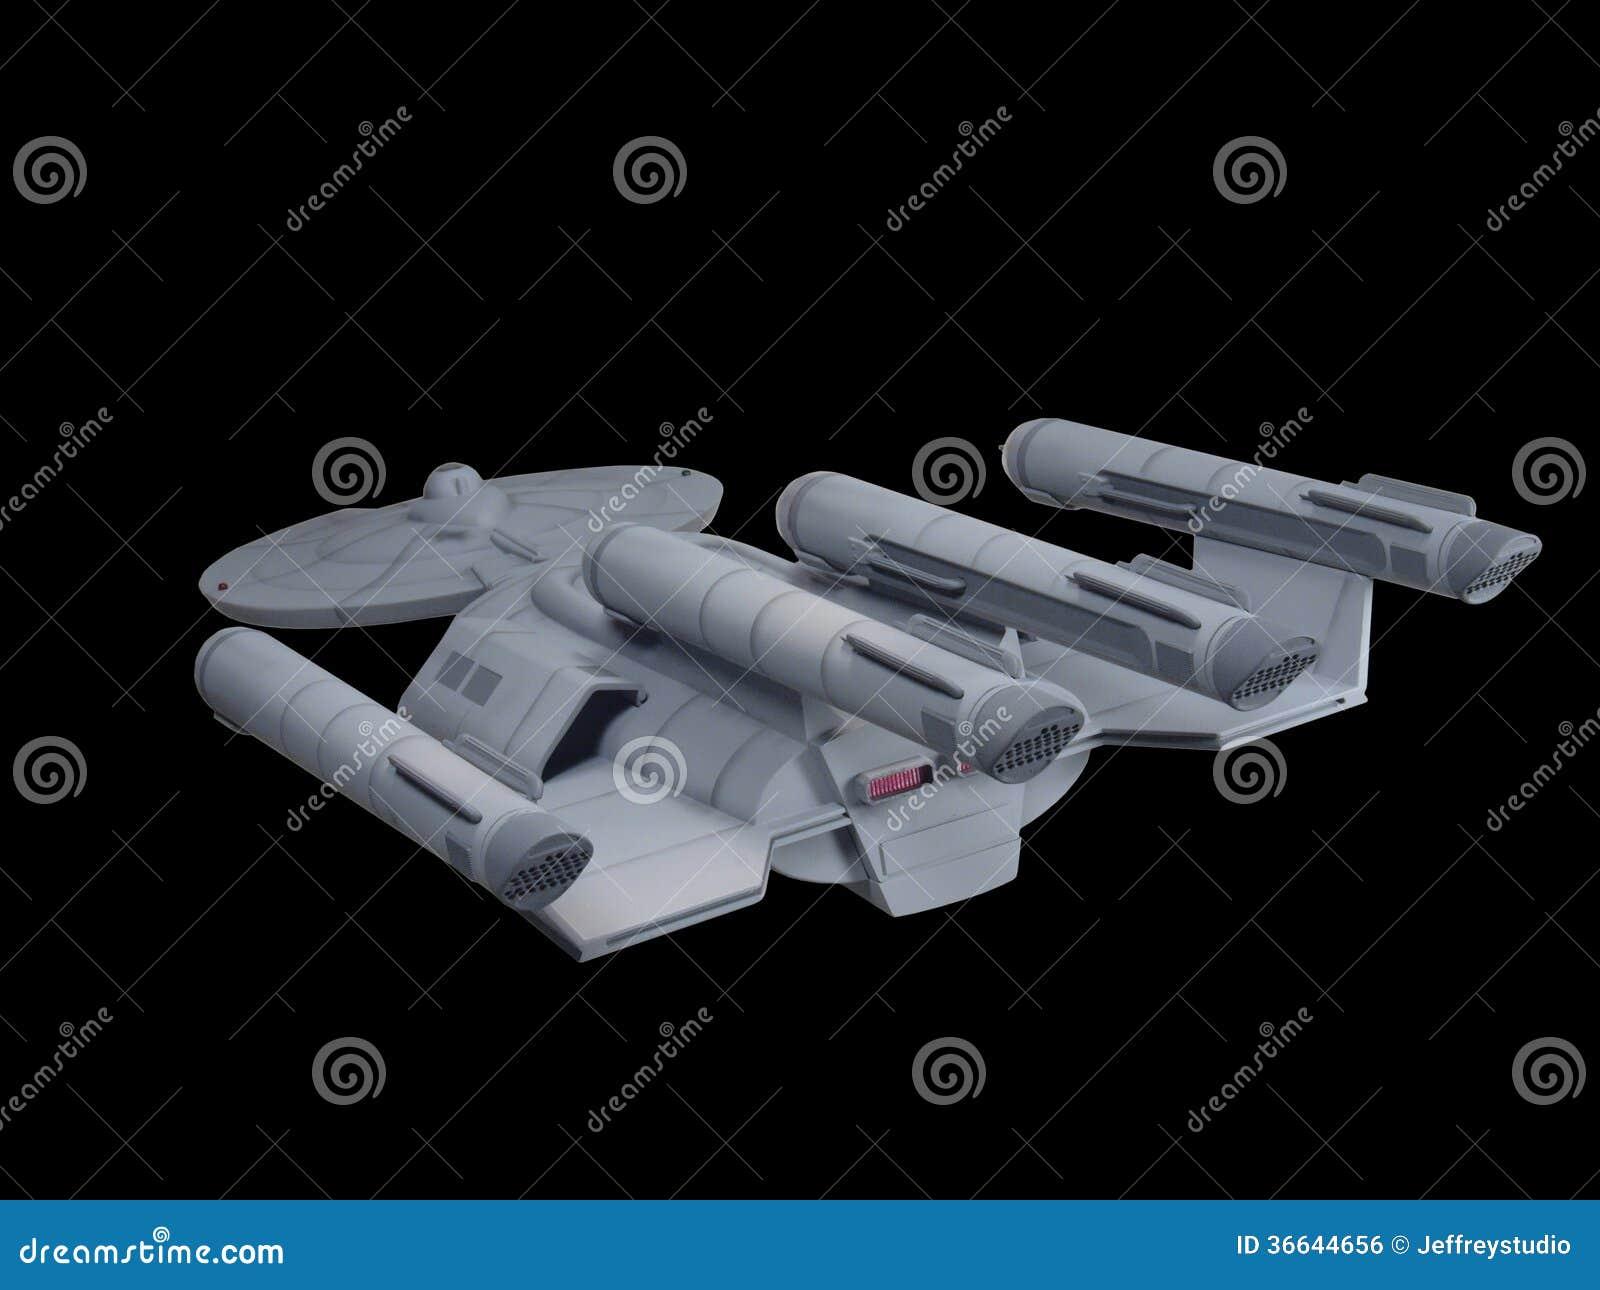 Futuristic spacecraft designs